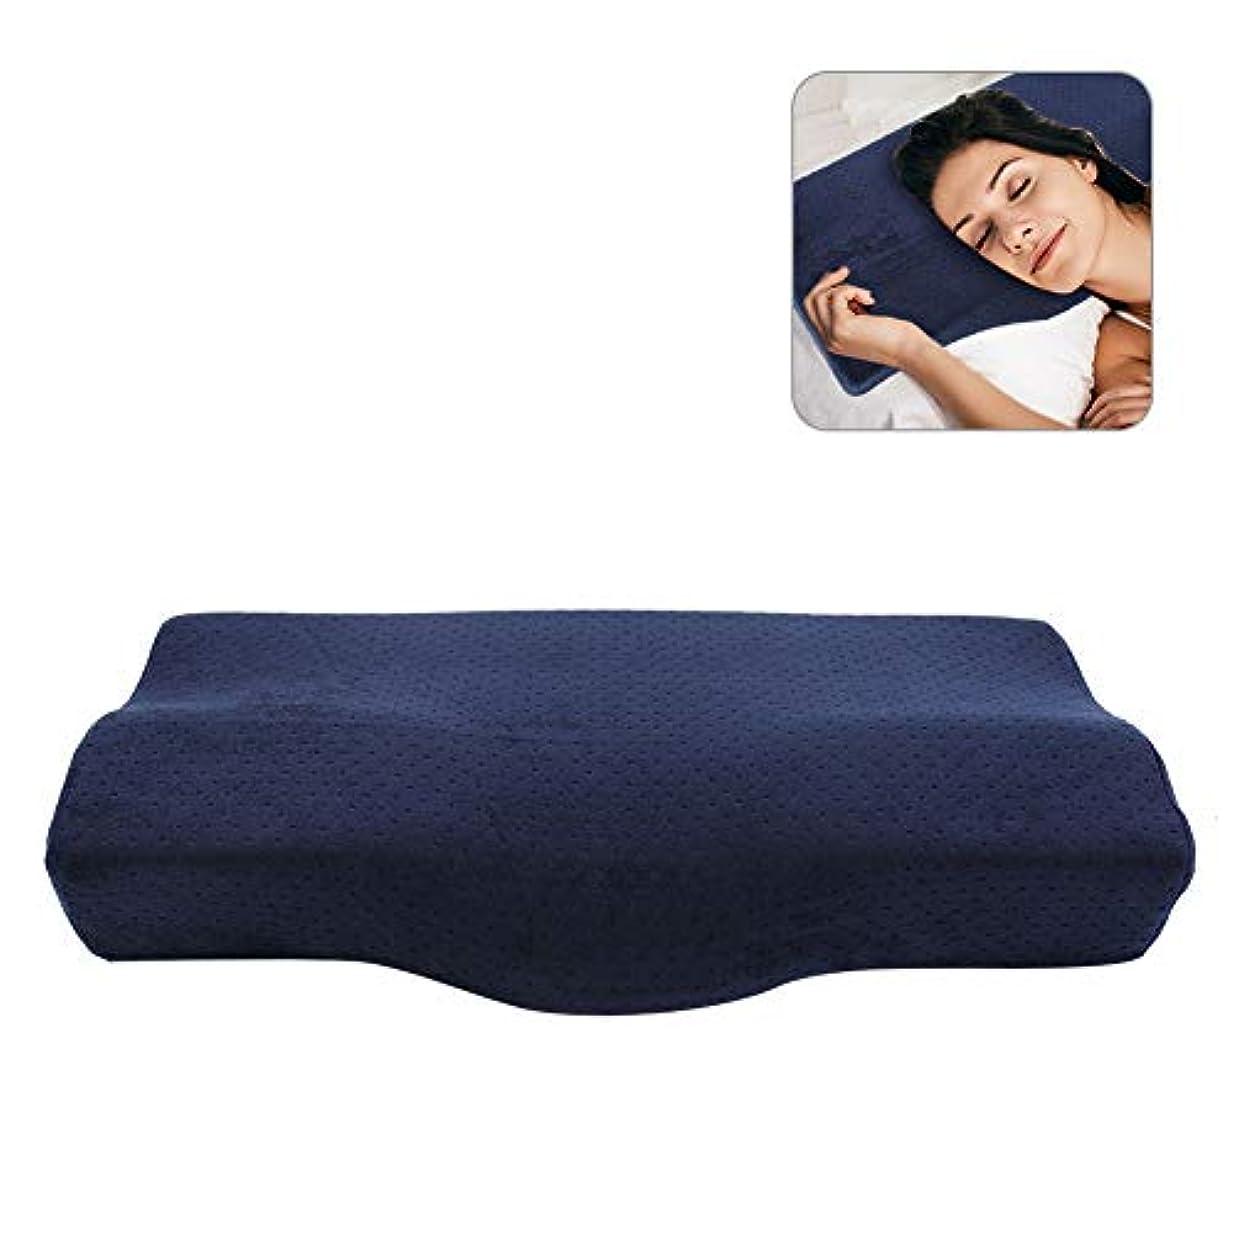 物質ヤギバーチャル枕 安眠 低反発枕 肩こり対策 頸椎サポート 肩こり対策 首?頭?肩 子供 大人向き 美容院&グラフトまつげ (ダークブルー)